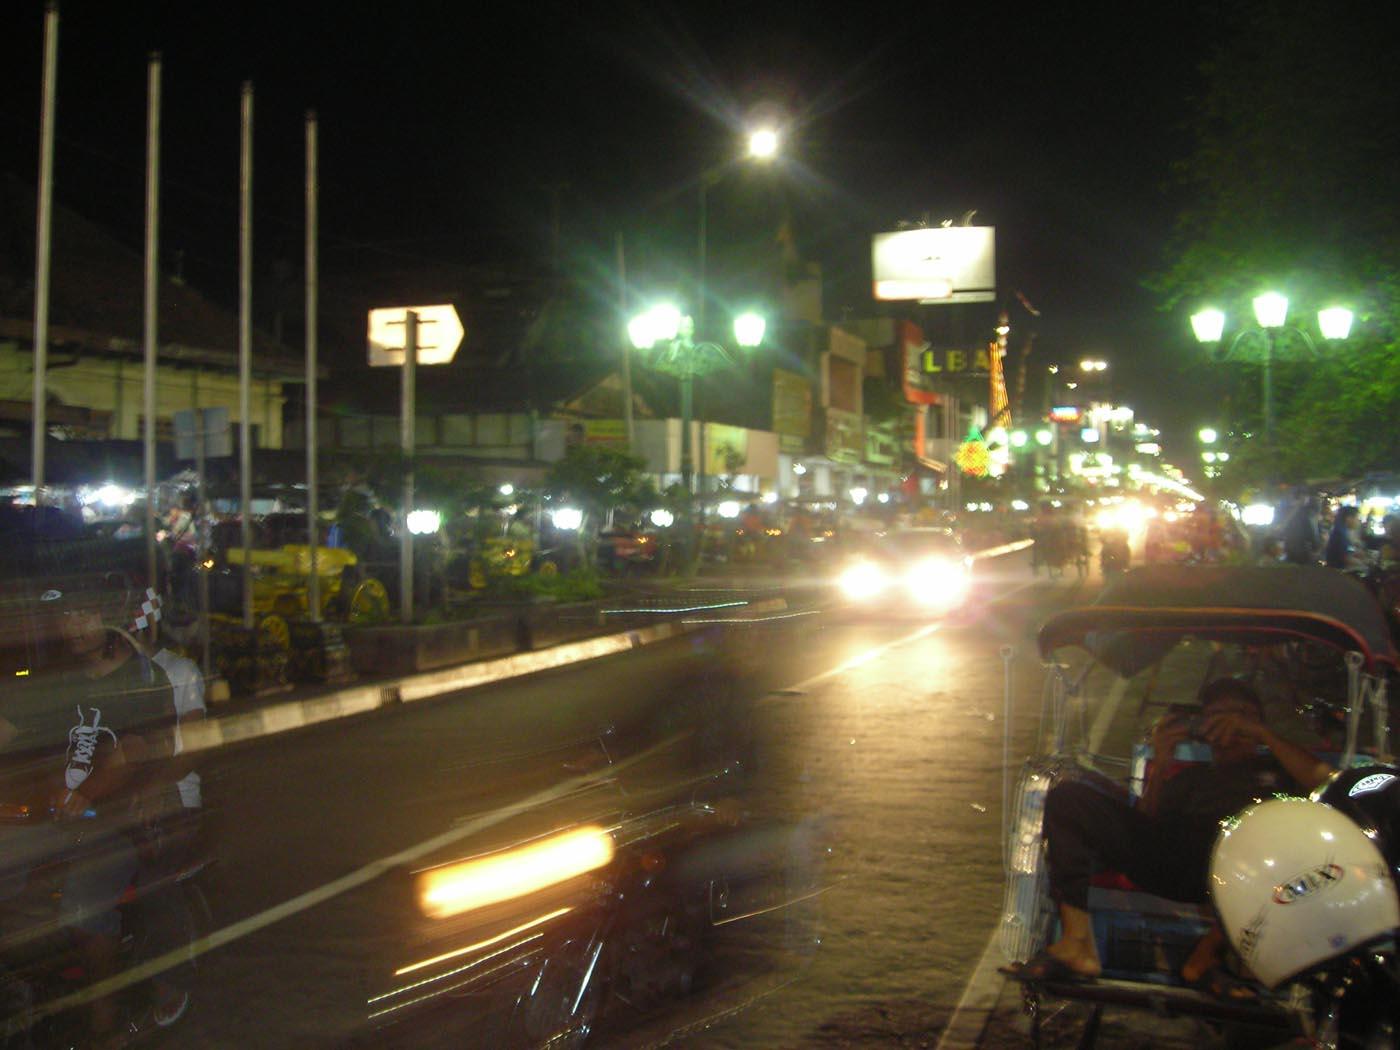 jpeg, Perjalanan 24 jam di Kota Istimewa Jogja, sabtu, 3 Januari 2009